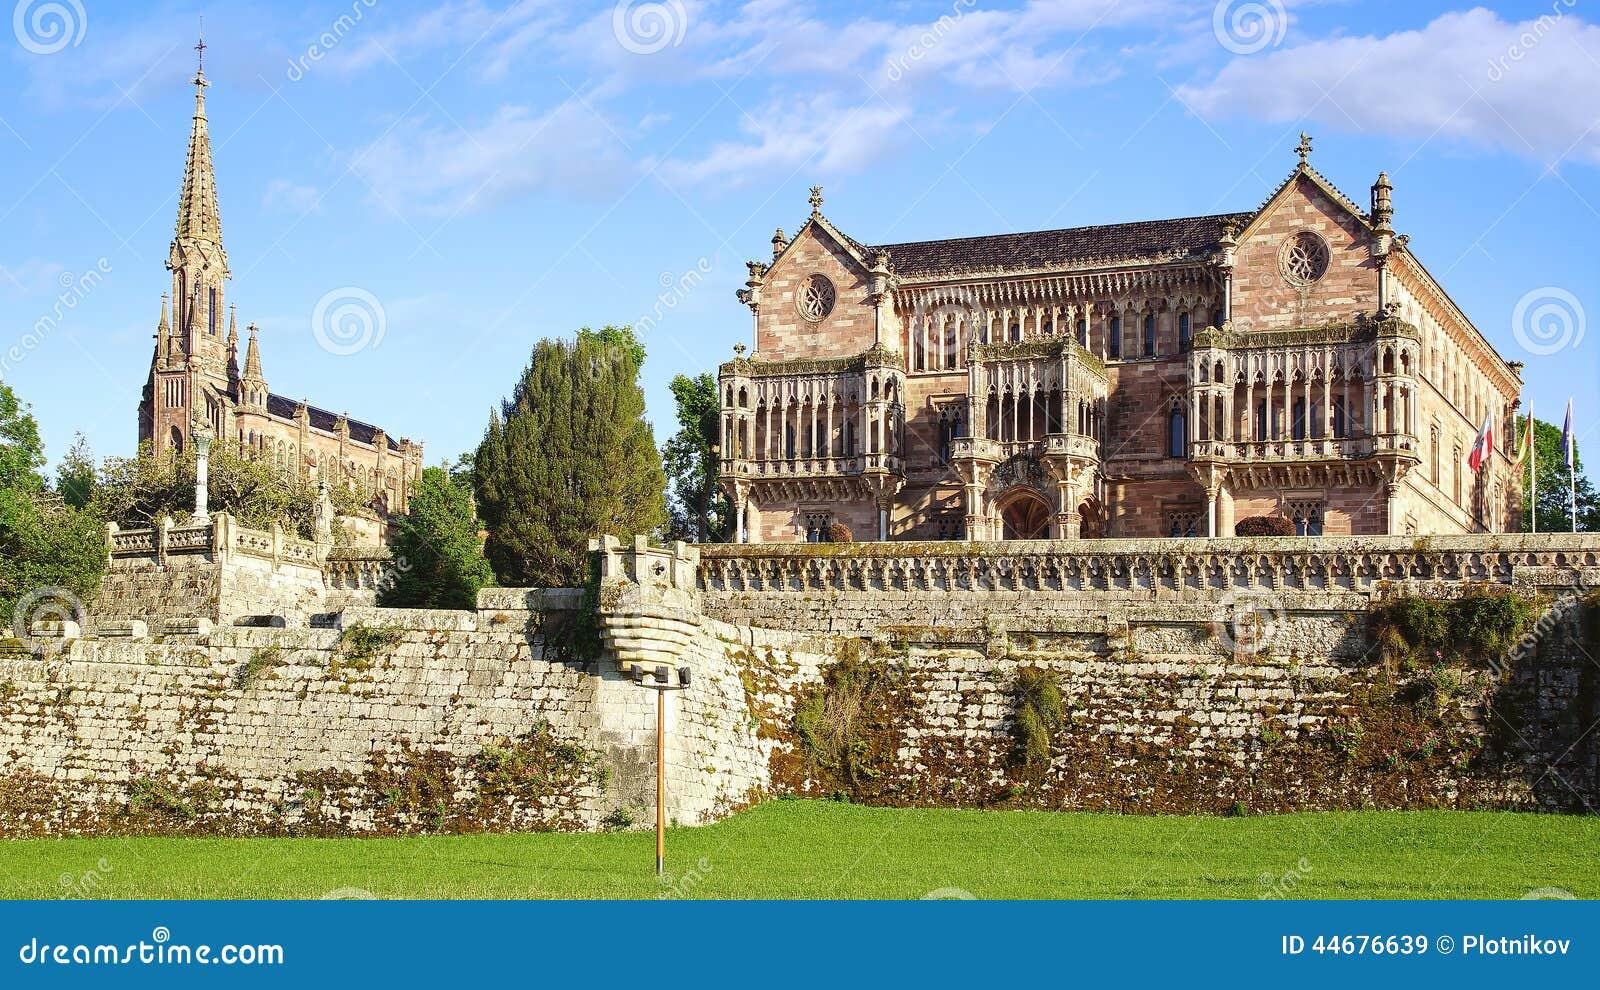 Palacio Sobrellano imagen de archivo. Imagen de ruina - 44676639